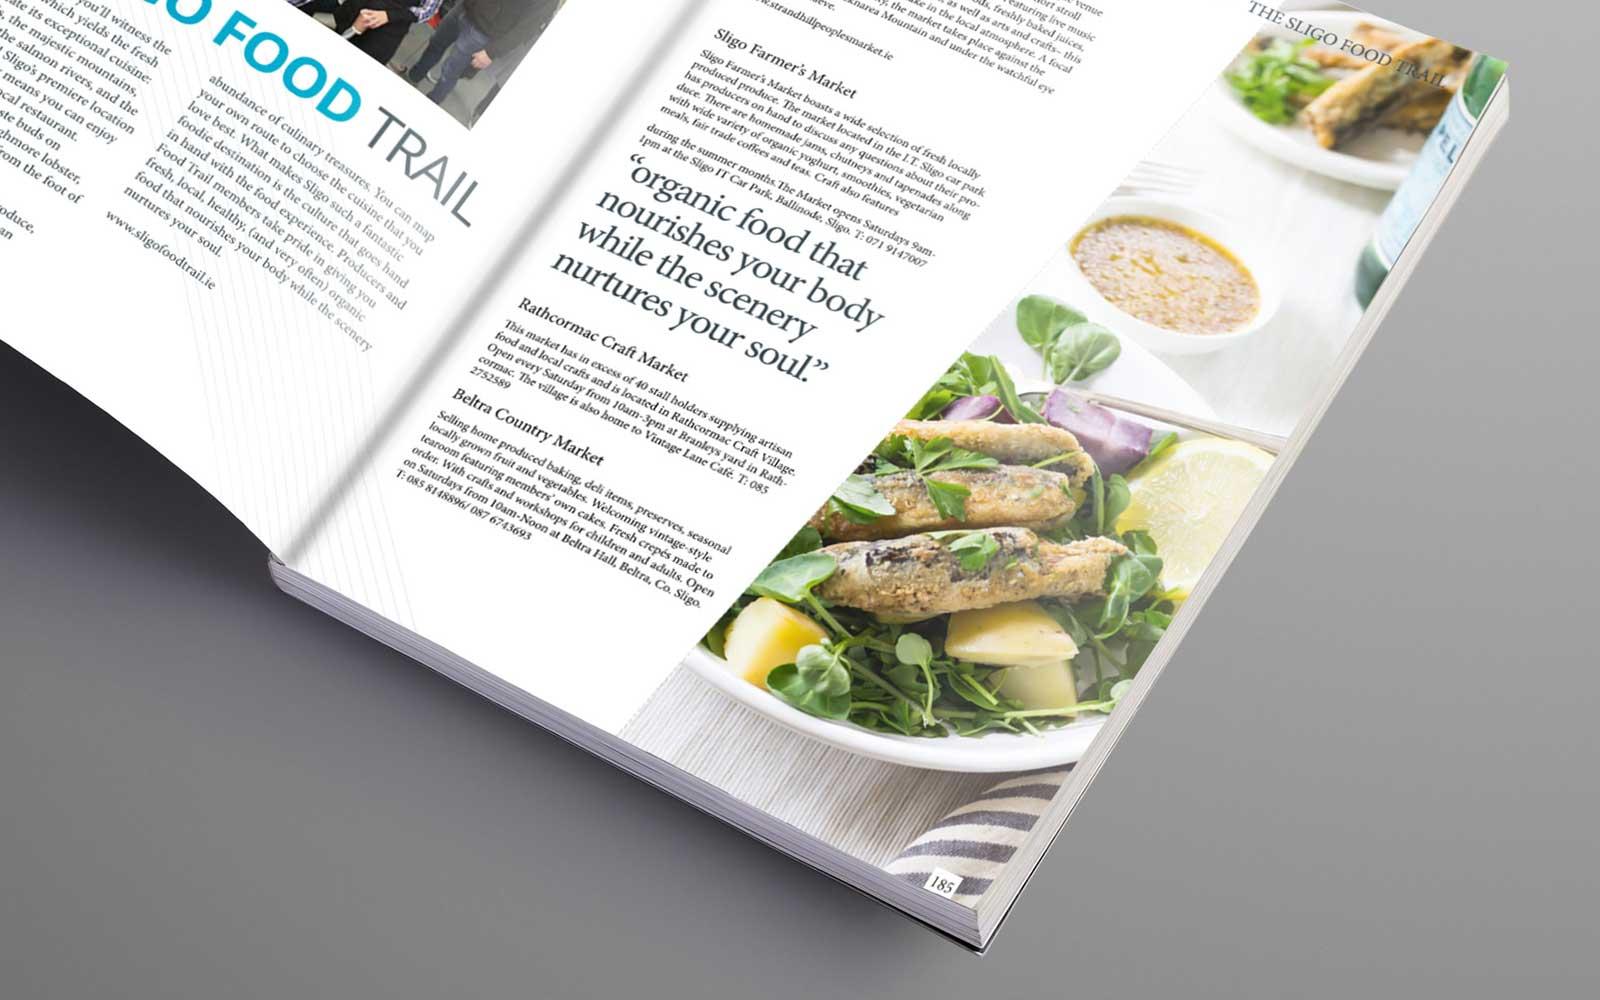 Magazine-layout